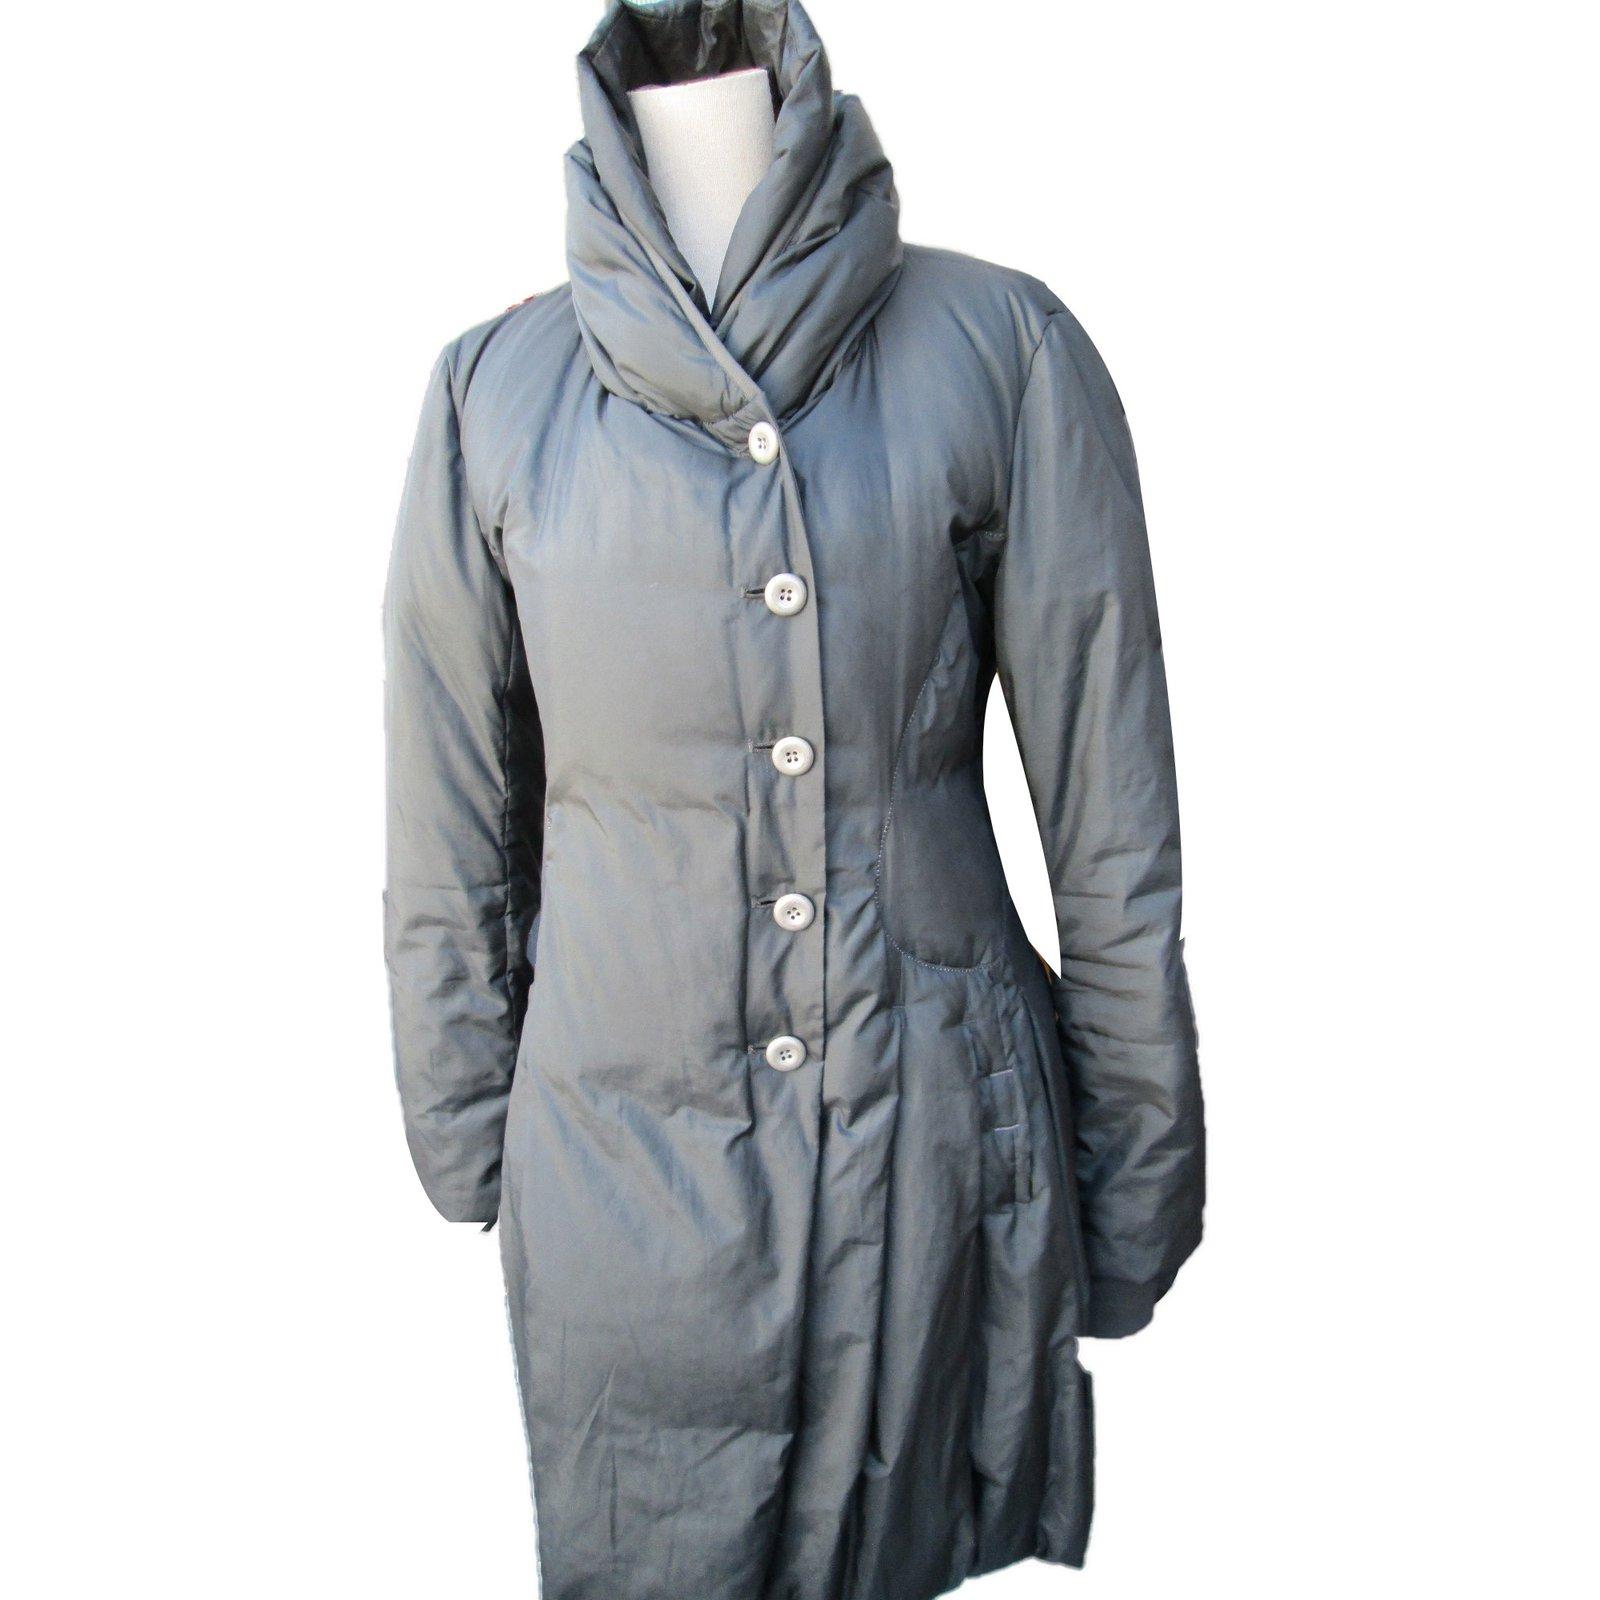 Vide dressing manteau veste girbaud